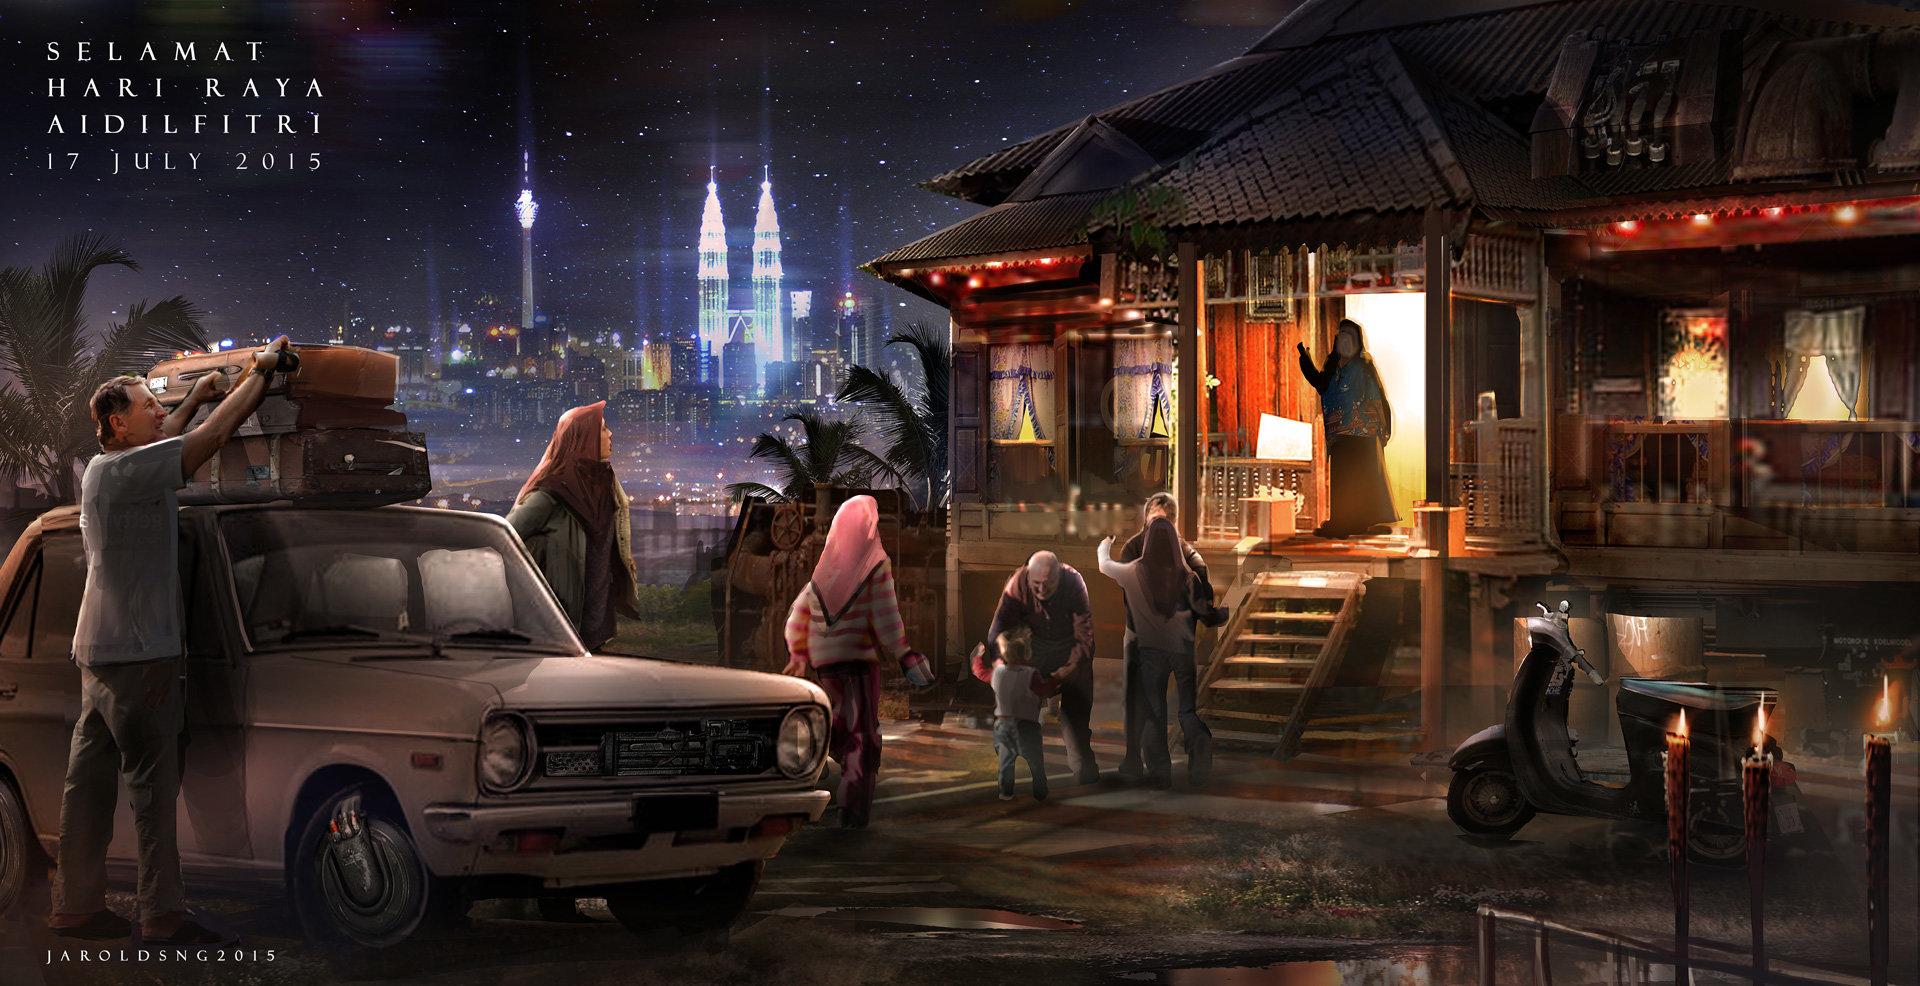 Jarold sng raya 2015